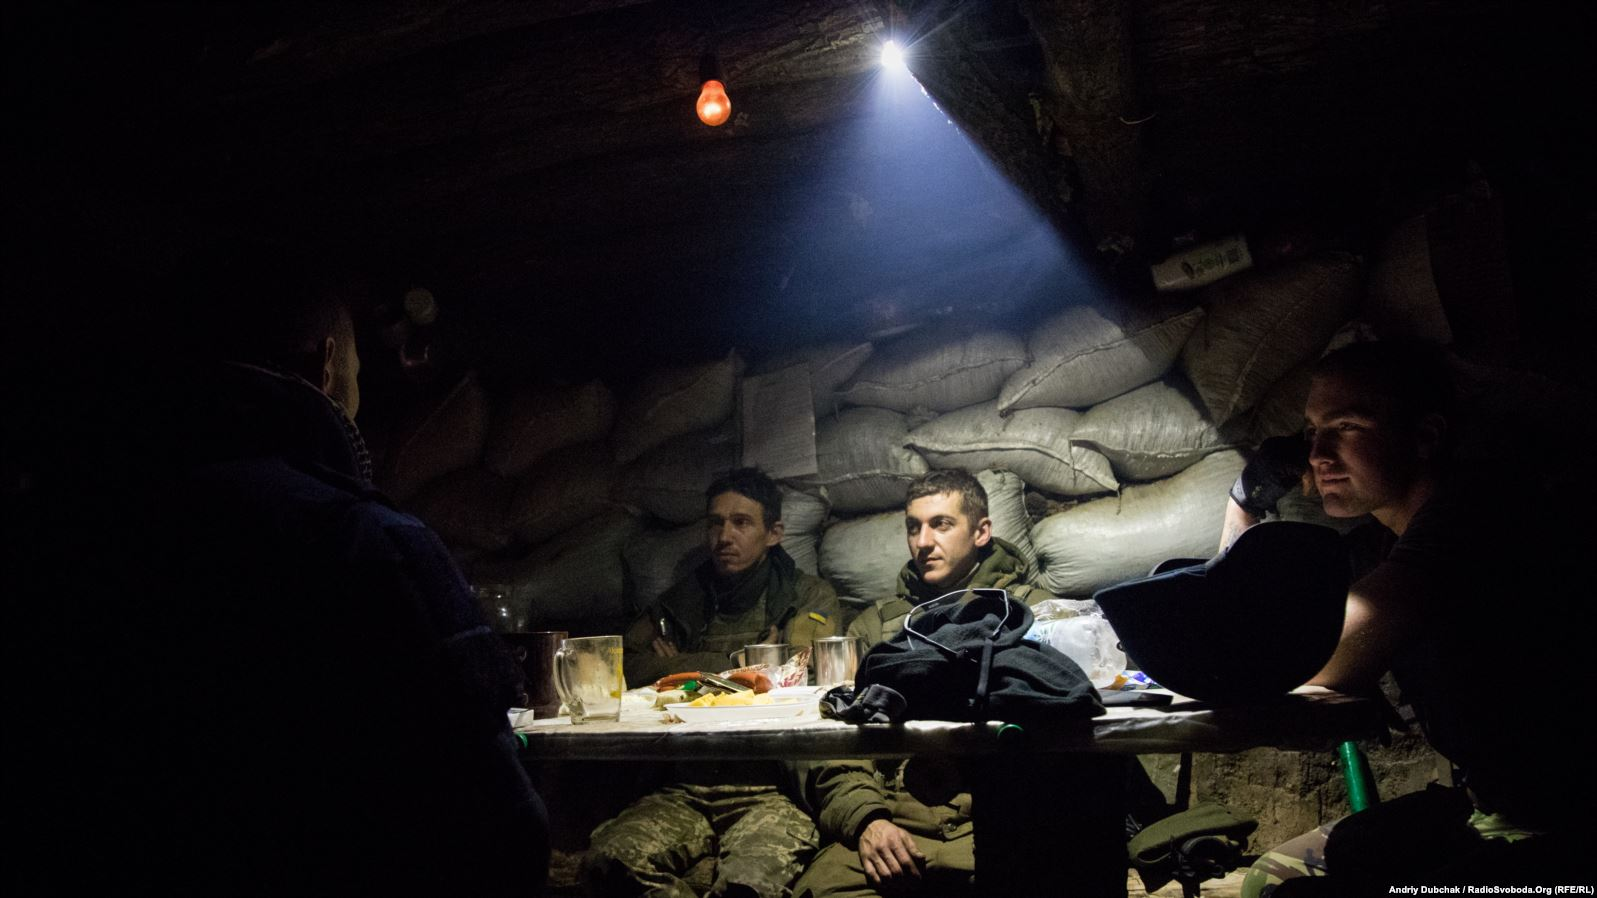 Вечеря під час бою. Українські військові вечеряють у бліндажі на передовій під Попасною, у той час як інші бійці придушували вогонь противника